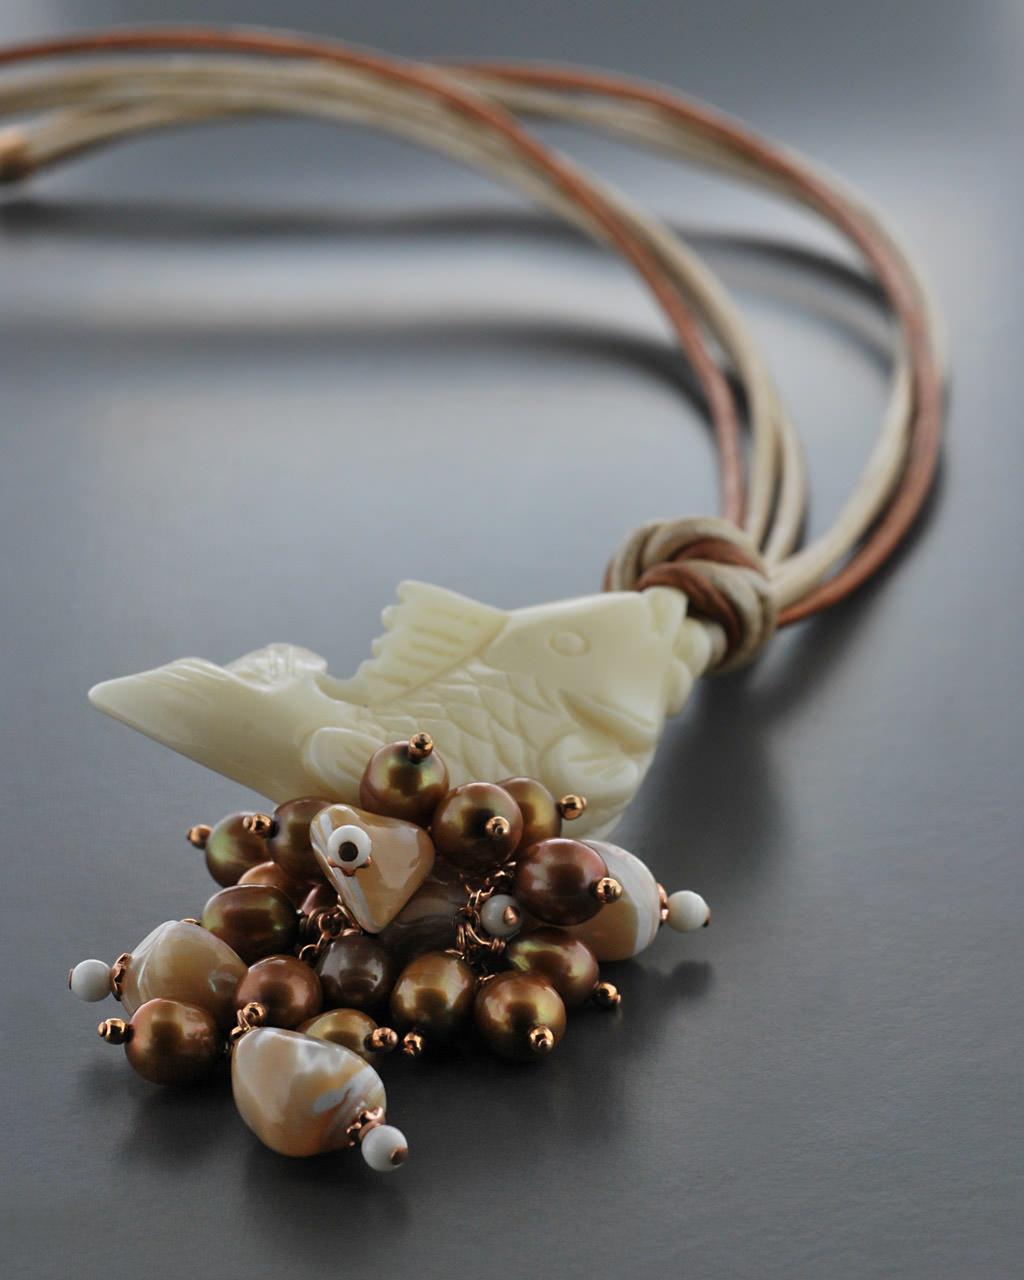 Κολιέ ασημένιο 925 με Ελεφαντόδοντο & Μαργαριτάρια